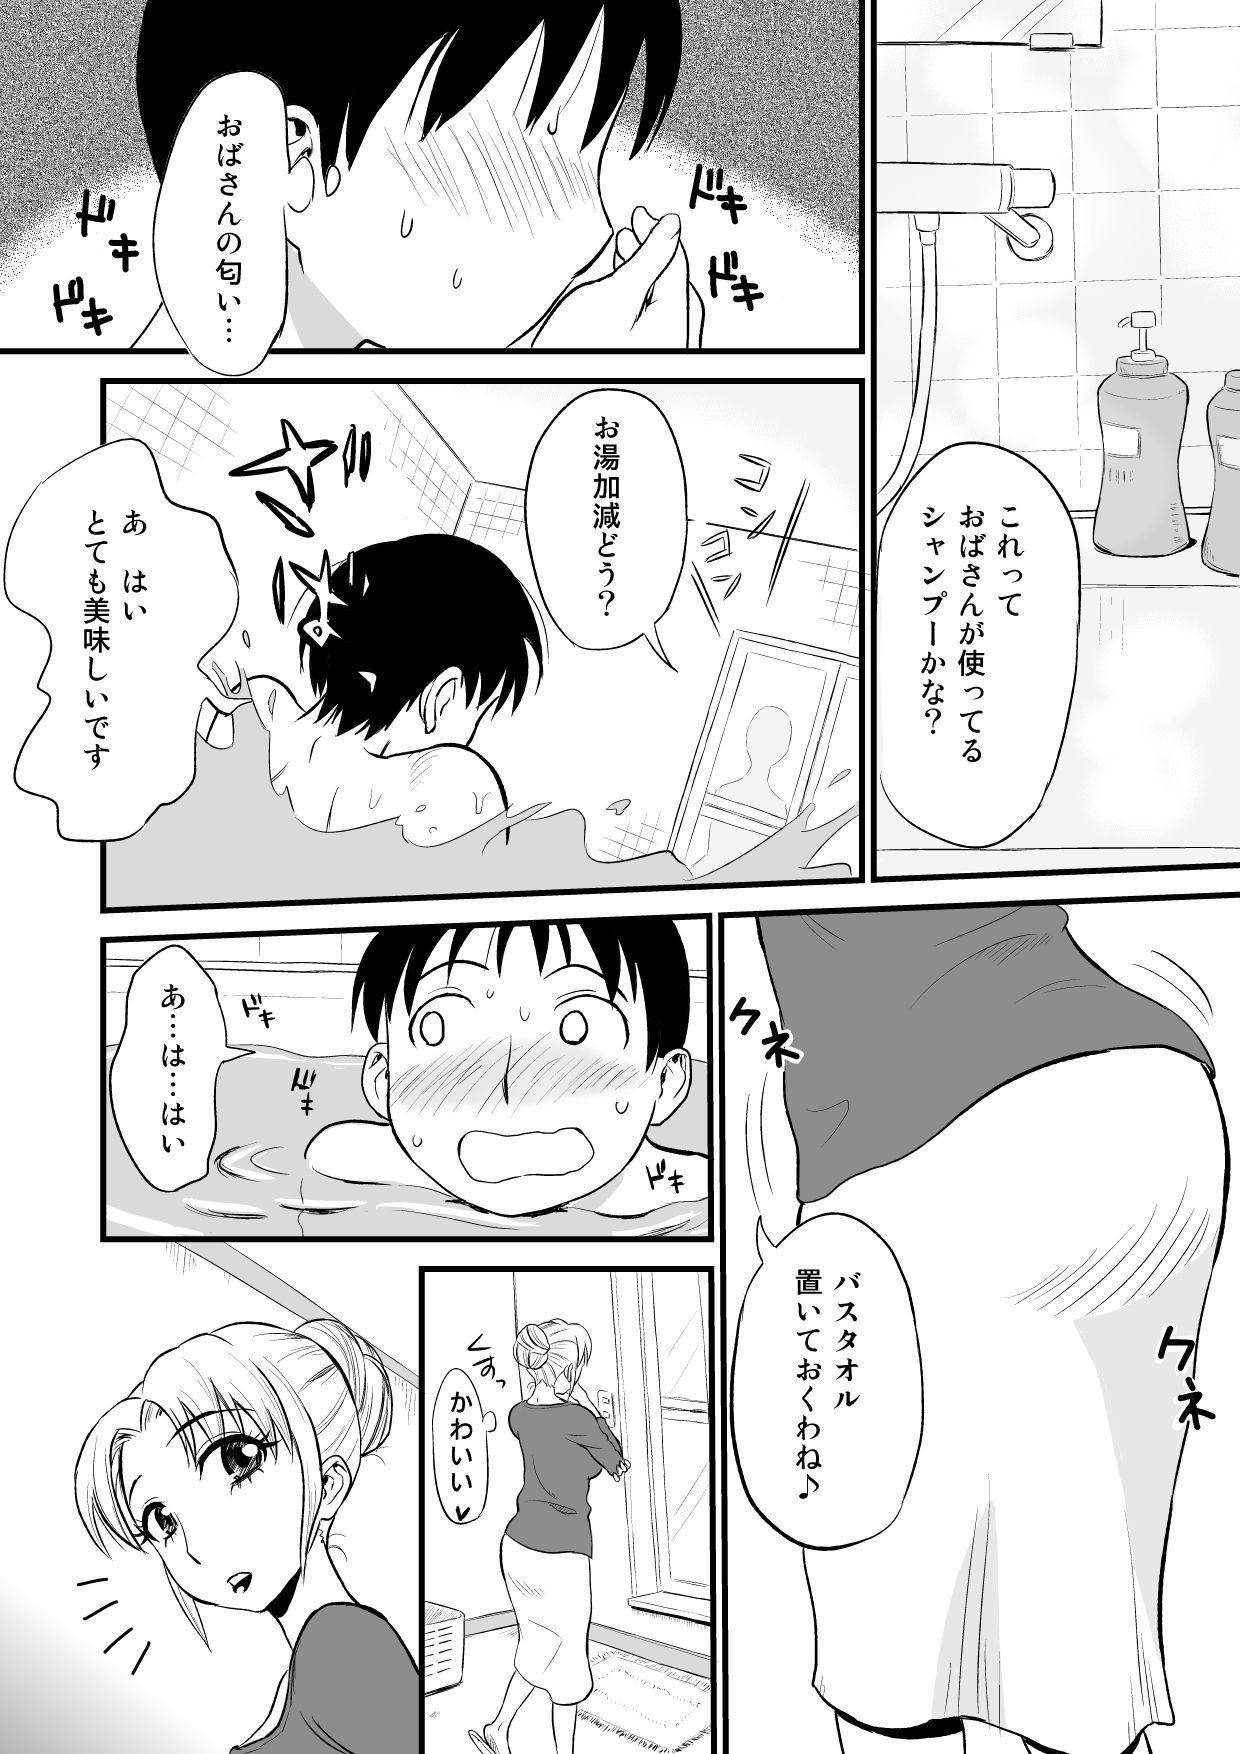 Yuujin no Mama ga Onanie no Otetsudai? 4